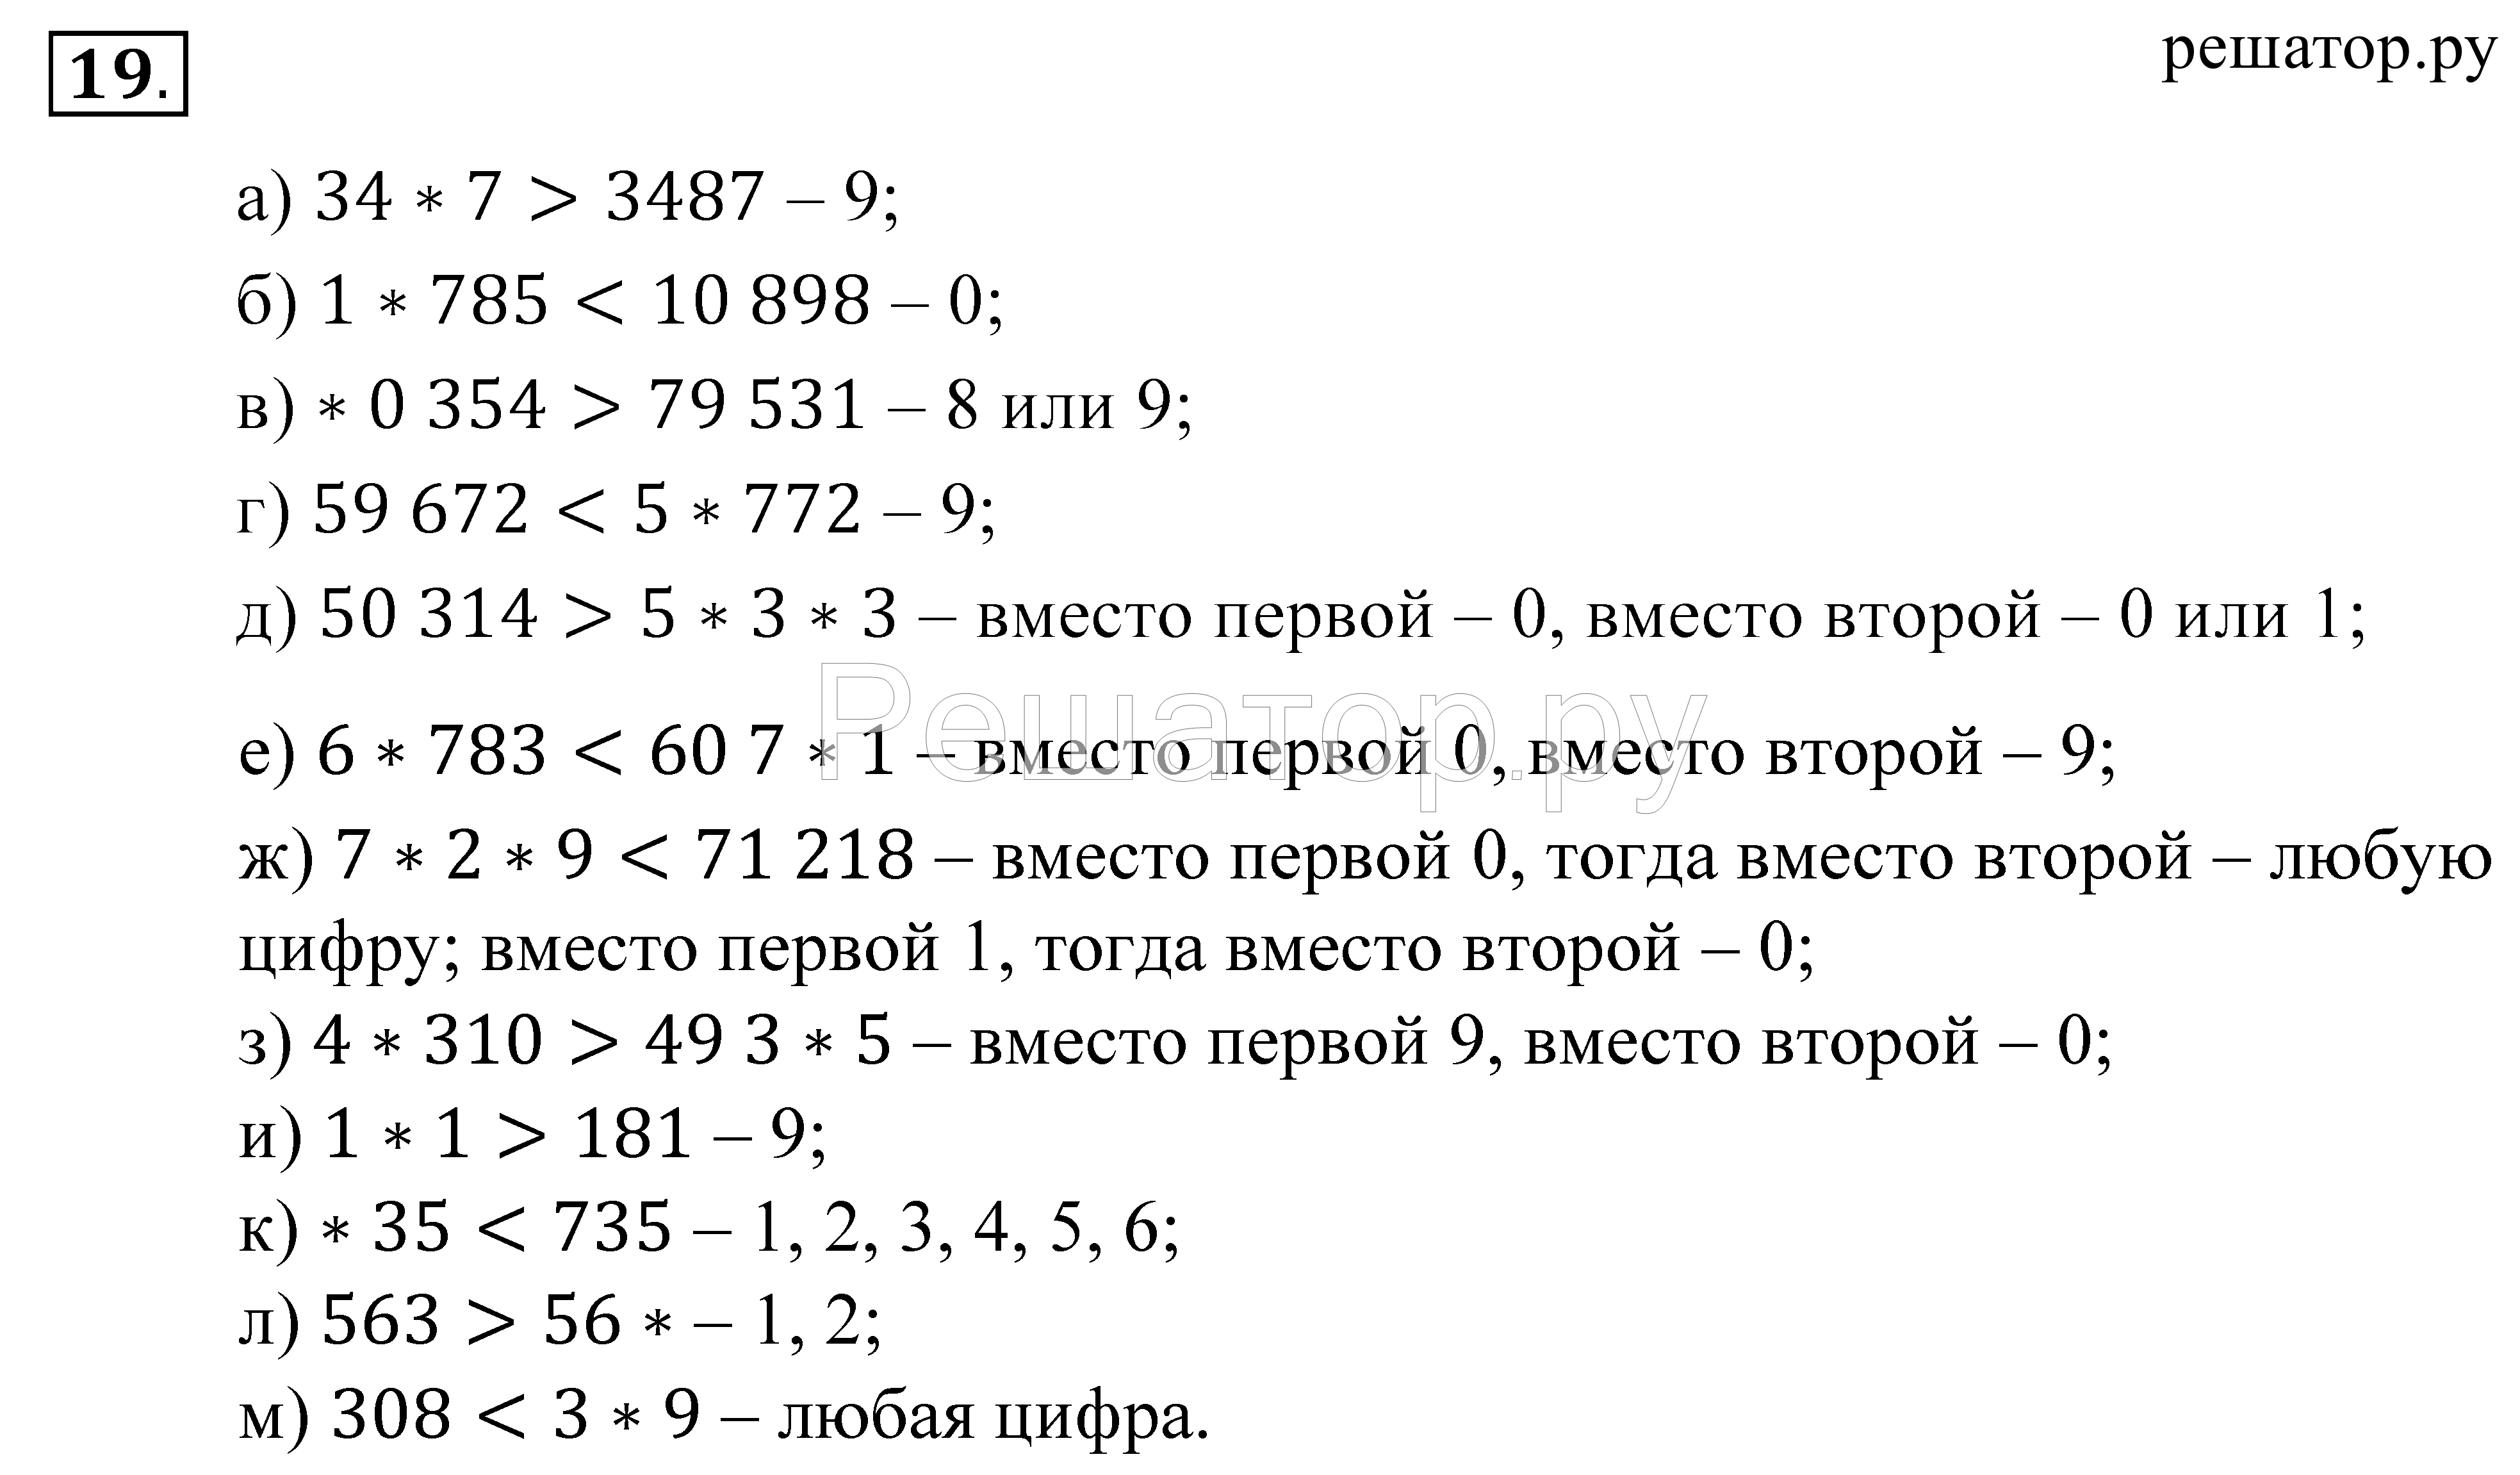 Гдз по математике 5 класс зубарева мордкович 2018 г онлайн